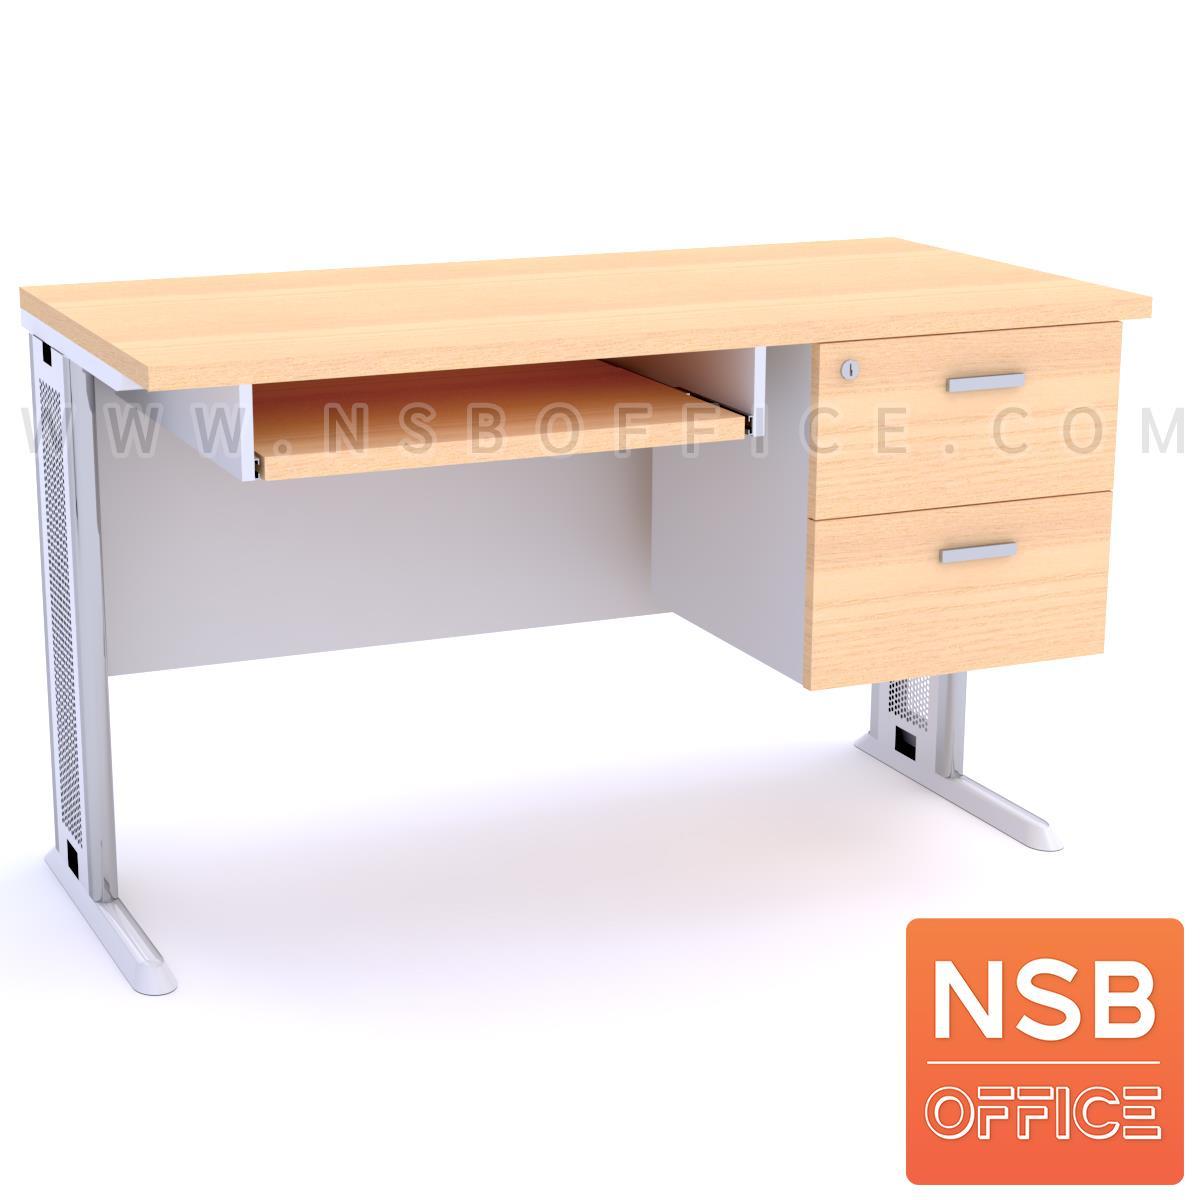 โต๊ะคอมพิวเตอร์ 2 ลิ้นชัก พร้อมรางคีย์บอร์ด  ขนาด 120W ,135W ,150W ,180W cm. ขาเหล็กตัวแอล